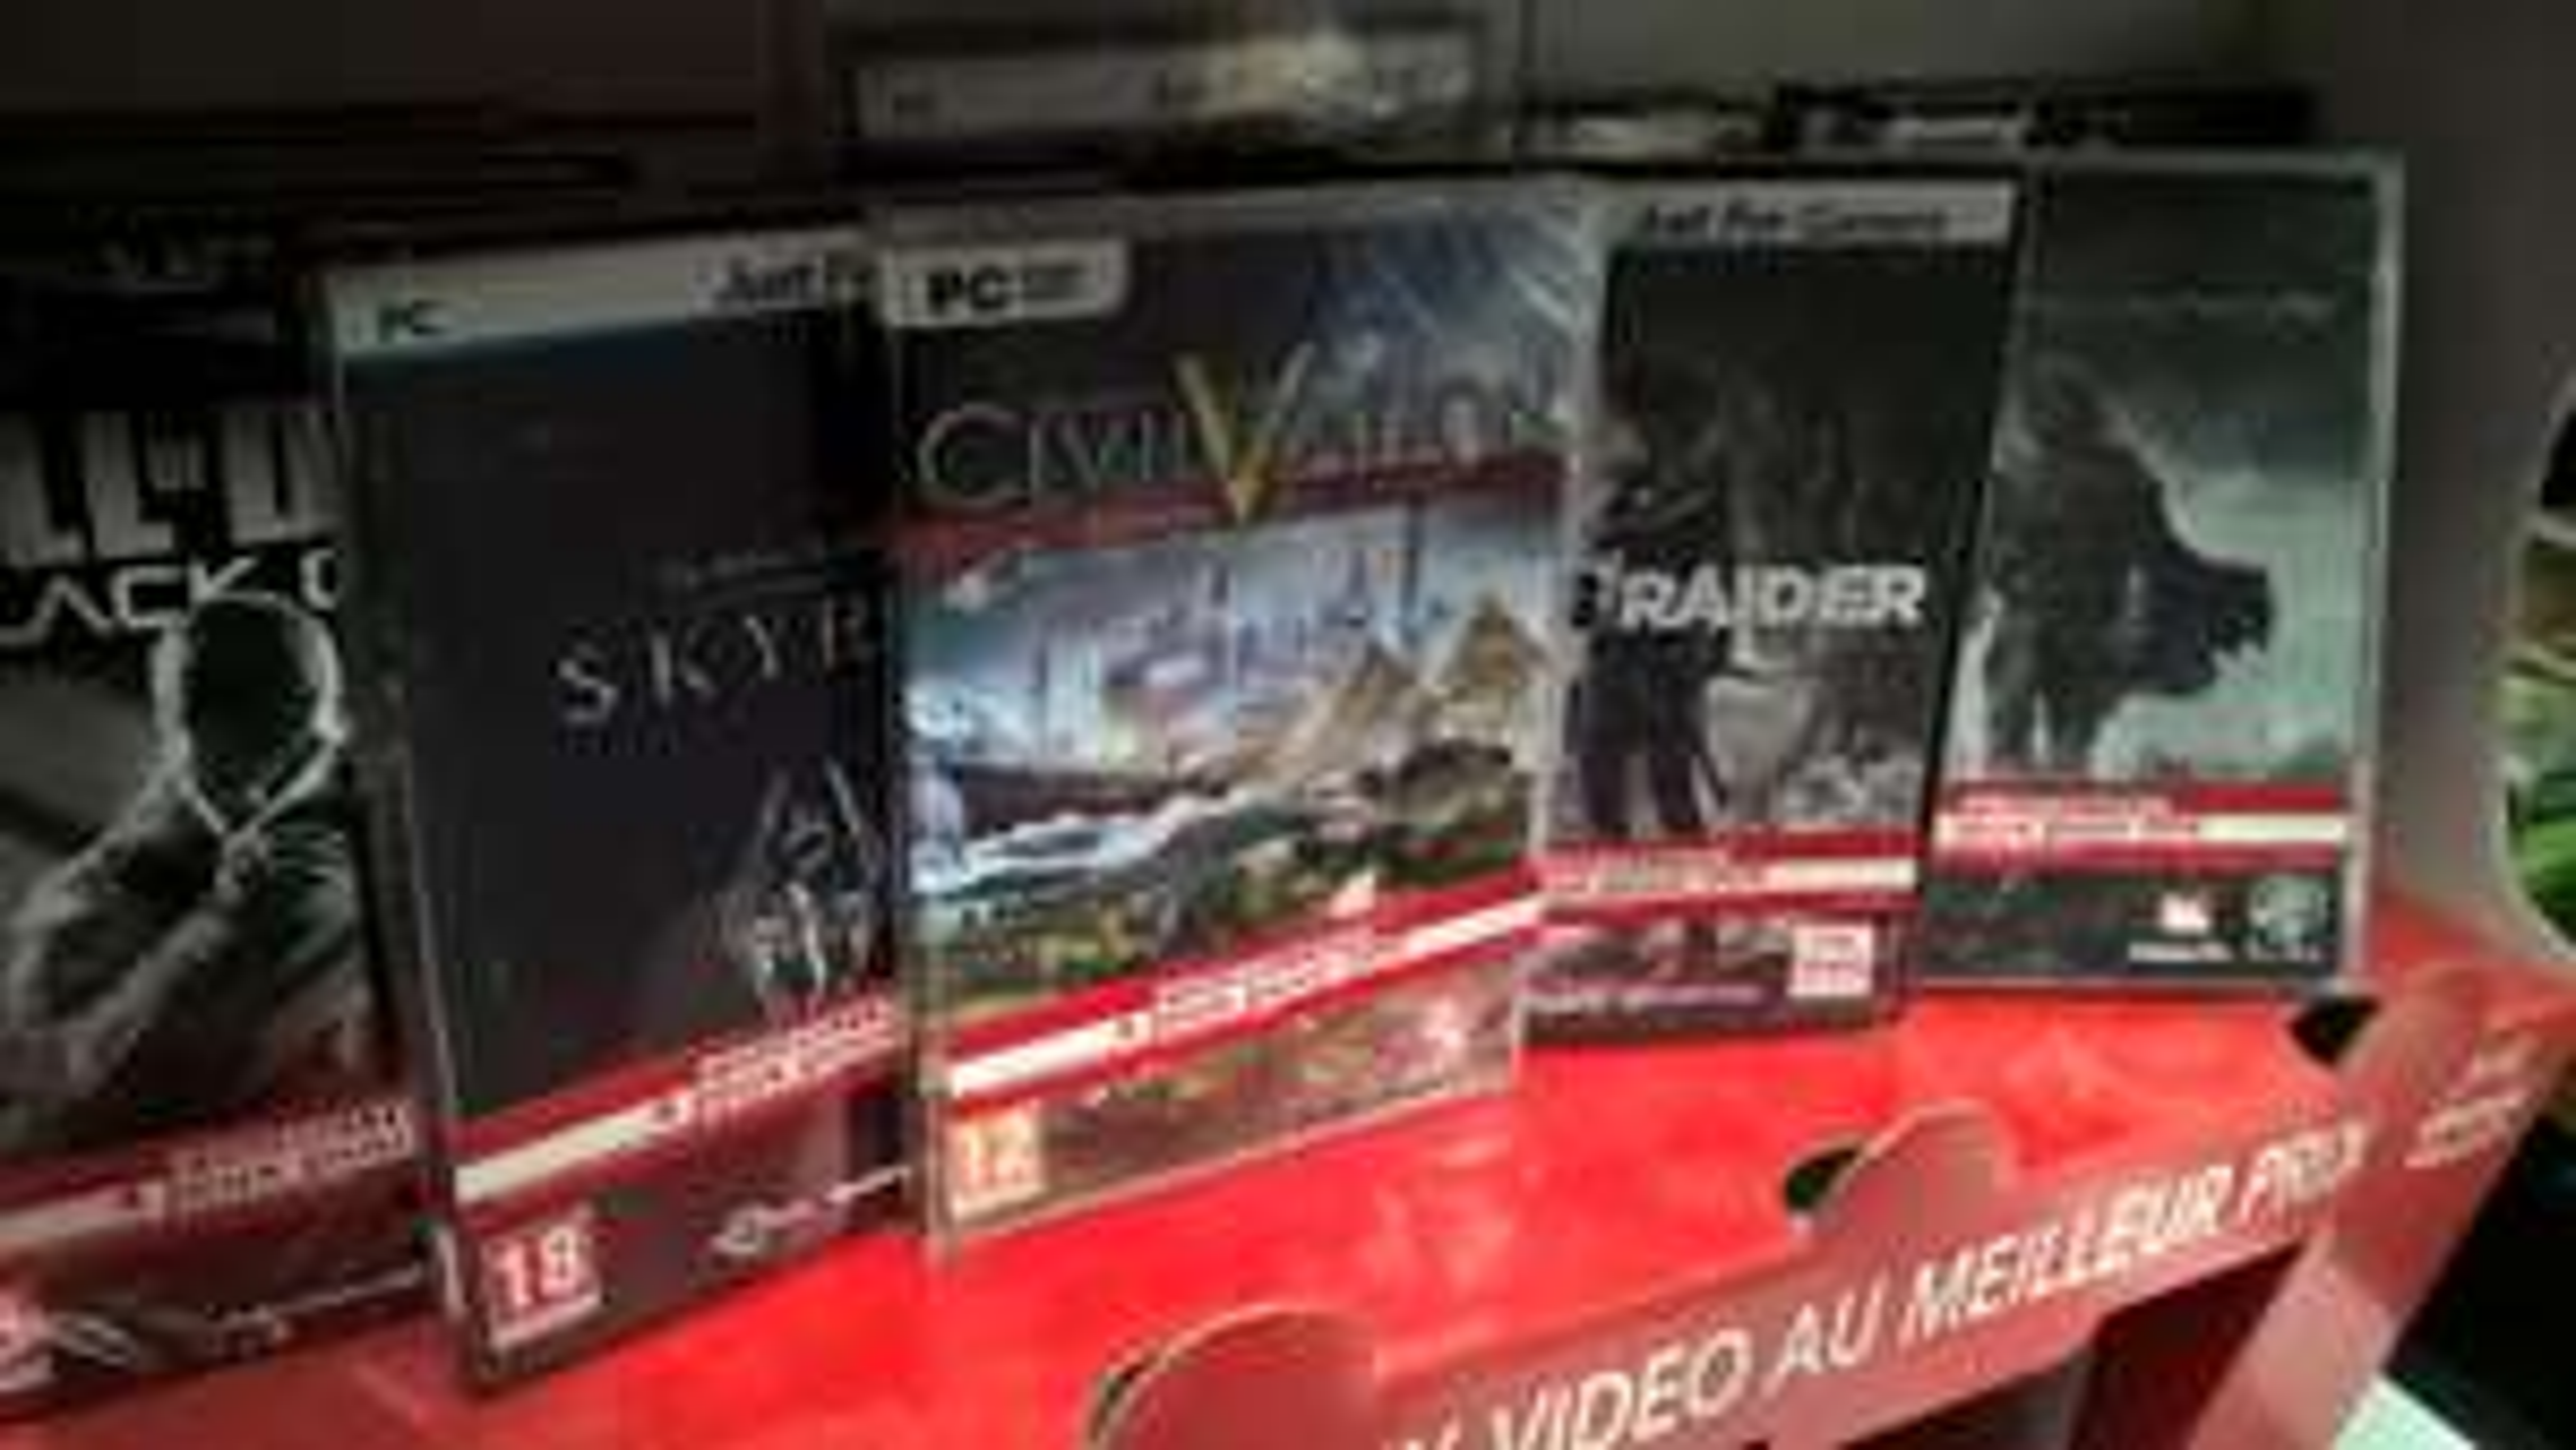 4 Jeux au choix parmi une sélection sur PC - Ex: Call of Duty Black Ops 2, Civilization V, Tomb Raider et Skyrim